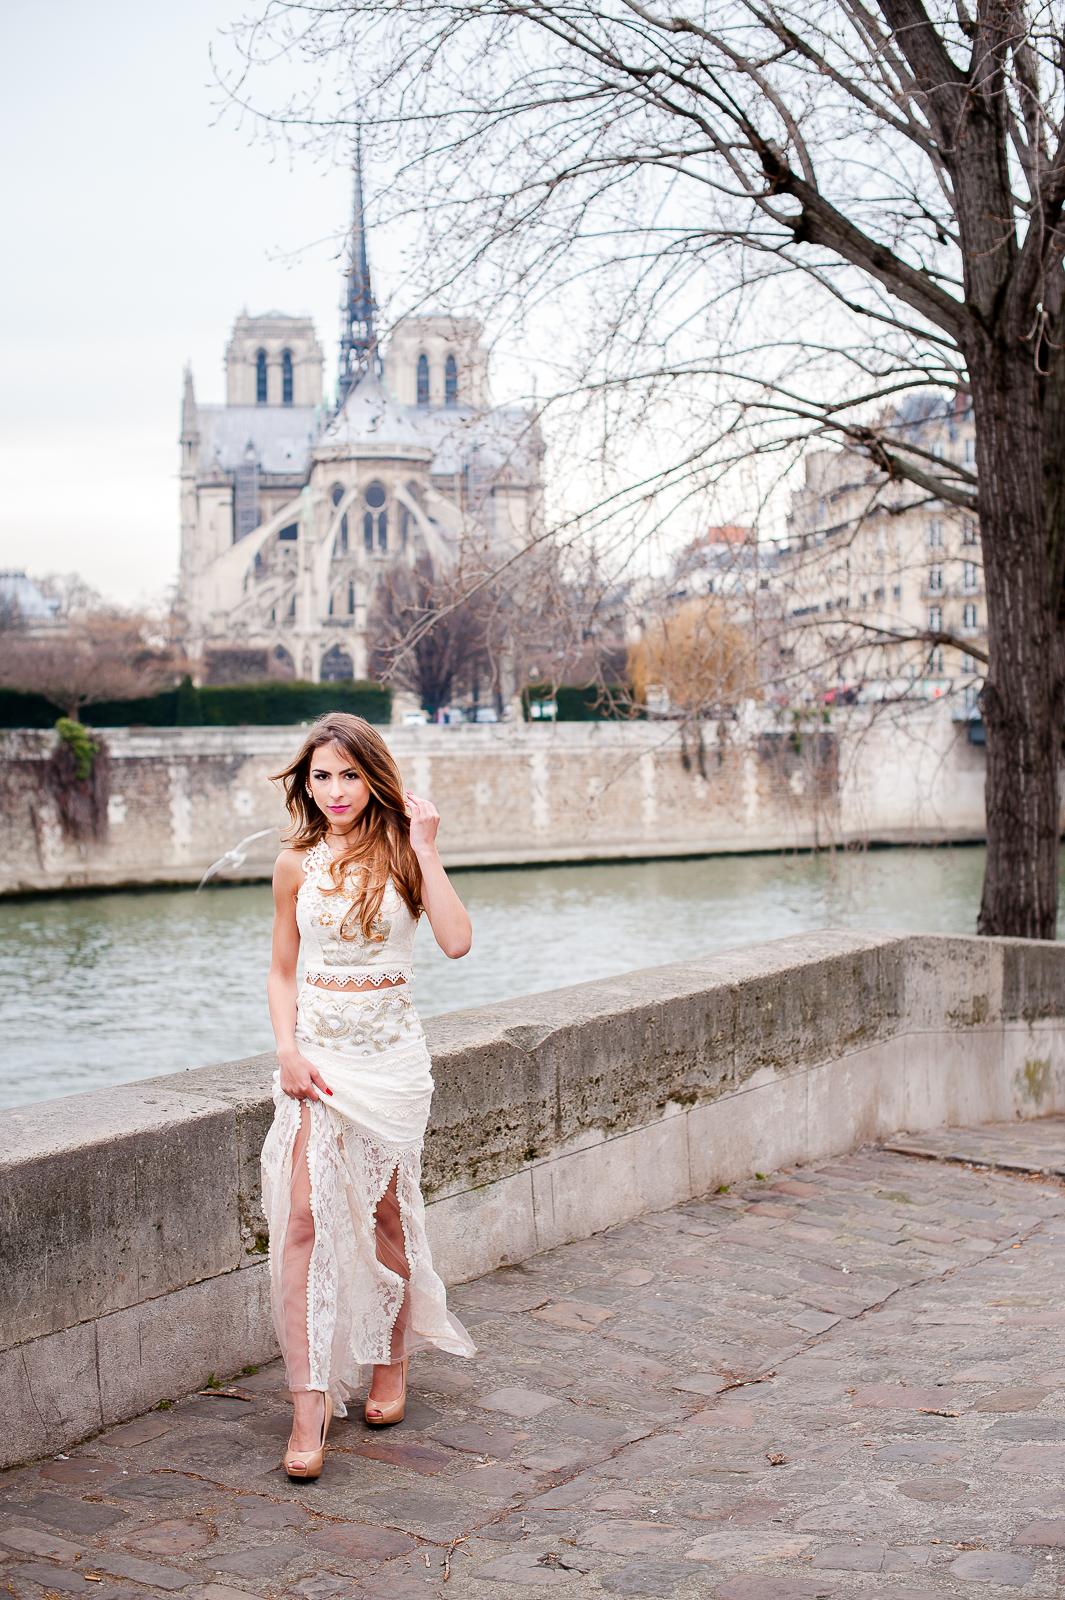 fotografo ensaio fotografico 15 anos em Paris